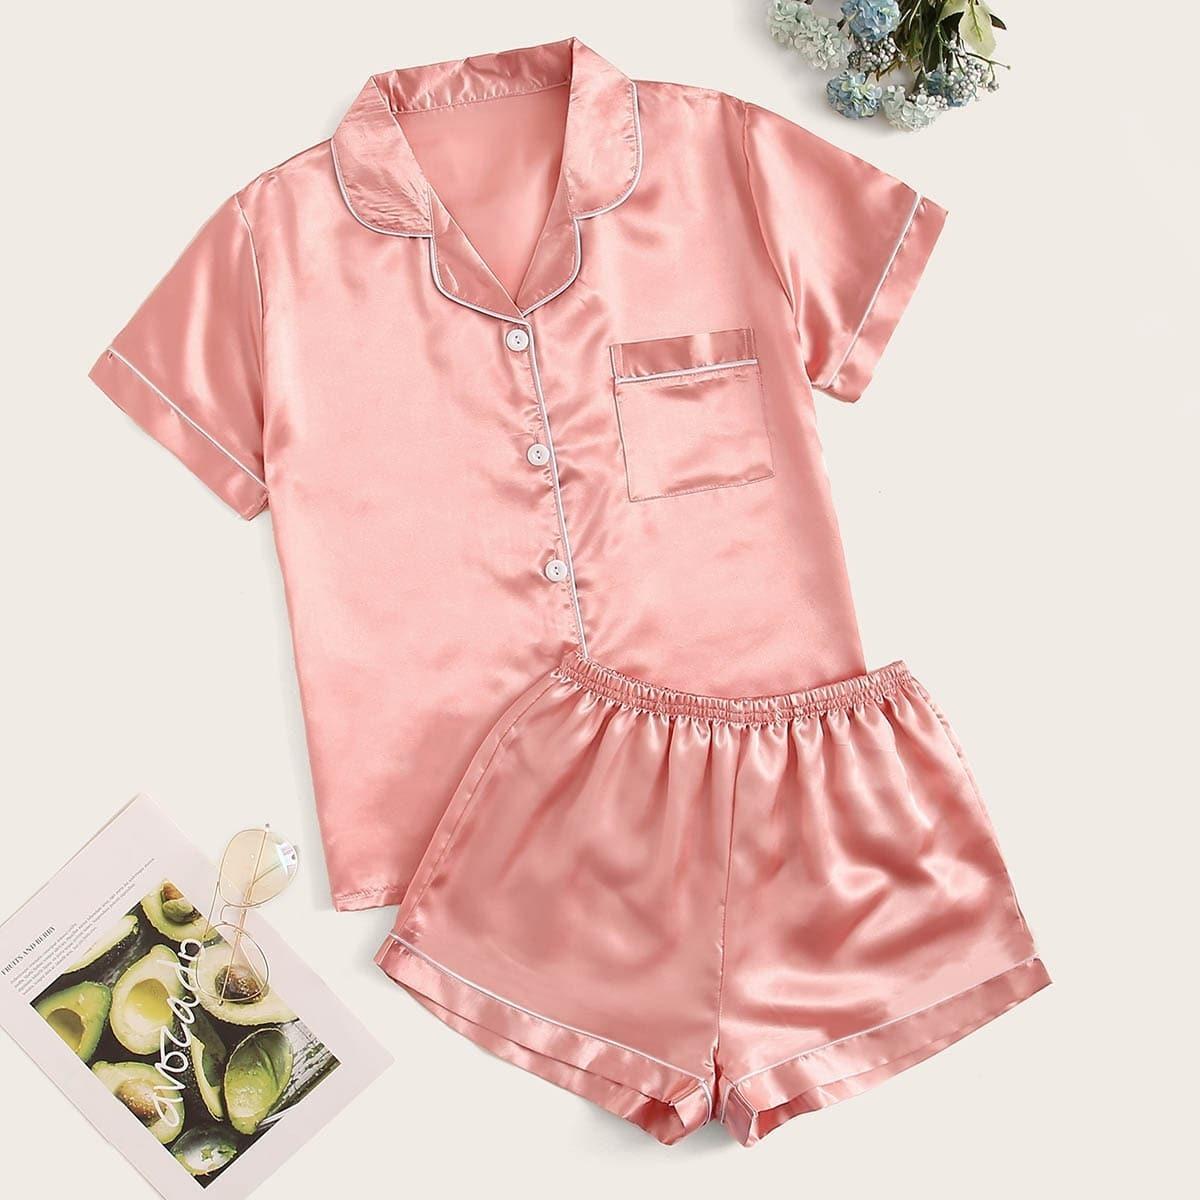 Однотонная Розовая Атласная Пижама Топ И Шорты